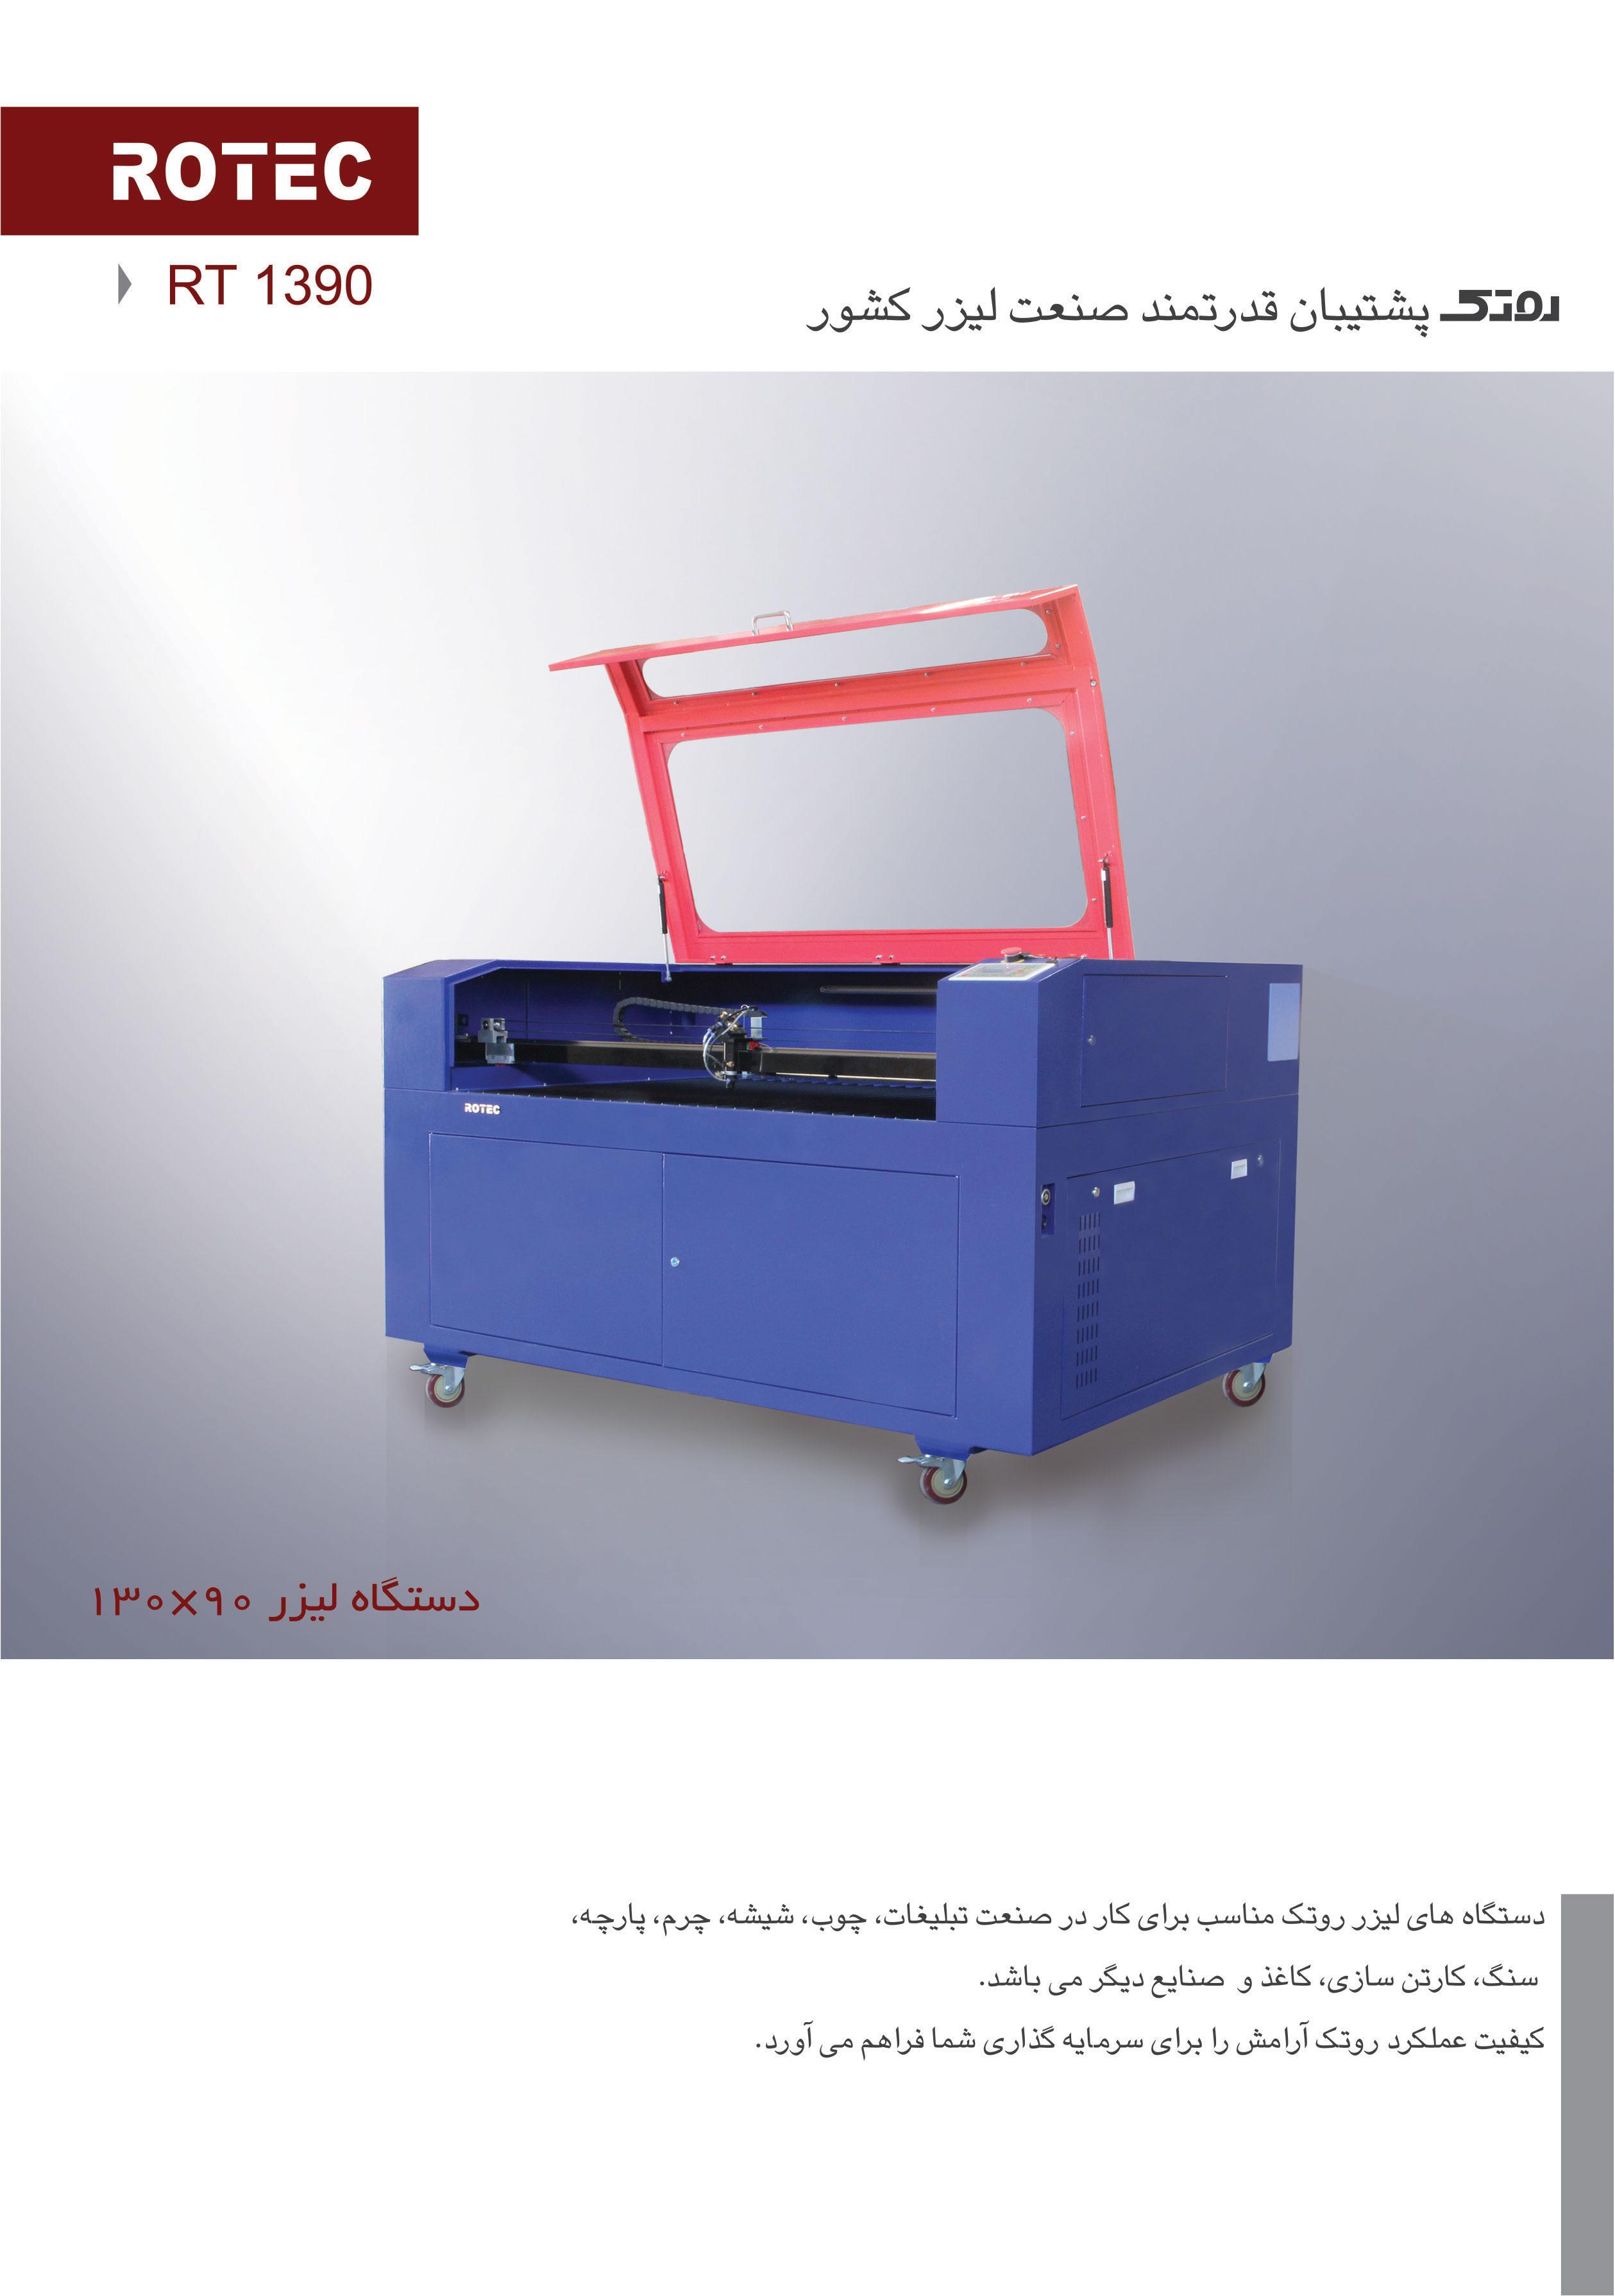 کاتالوگ دستگاه لیزر